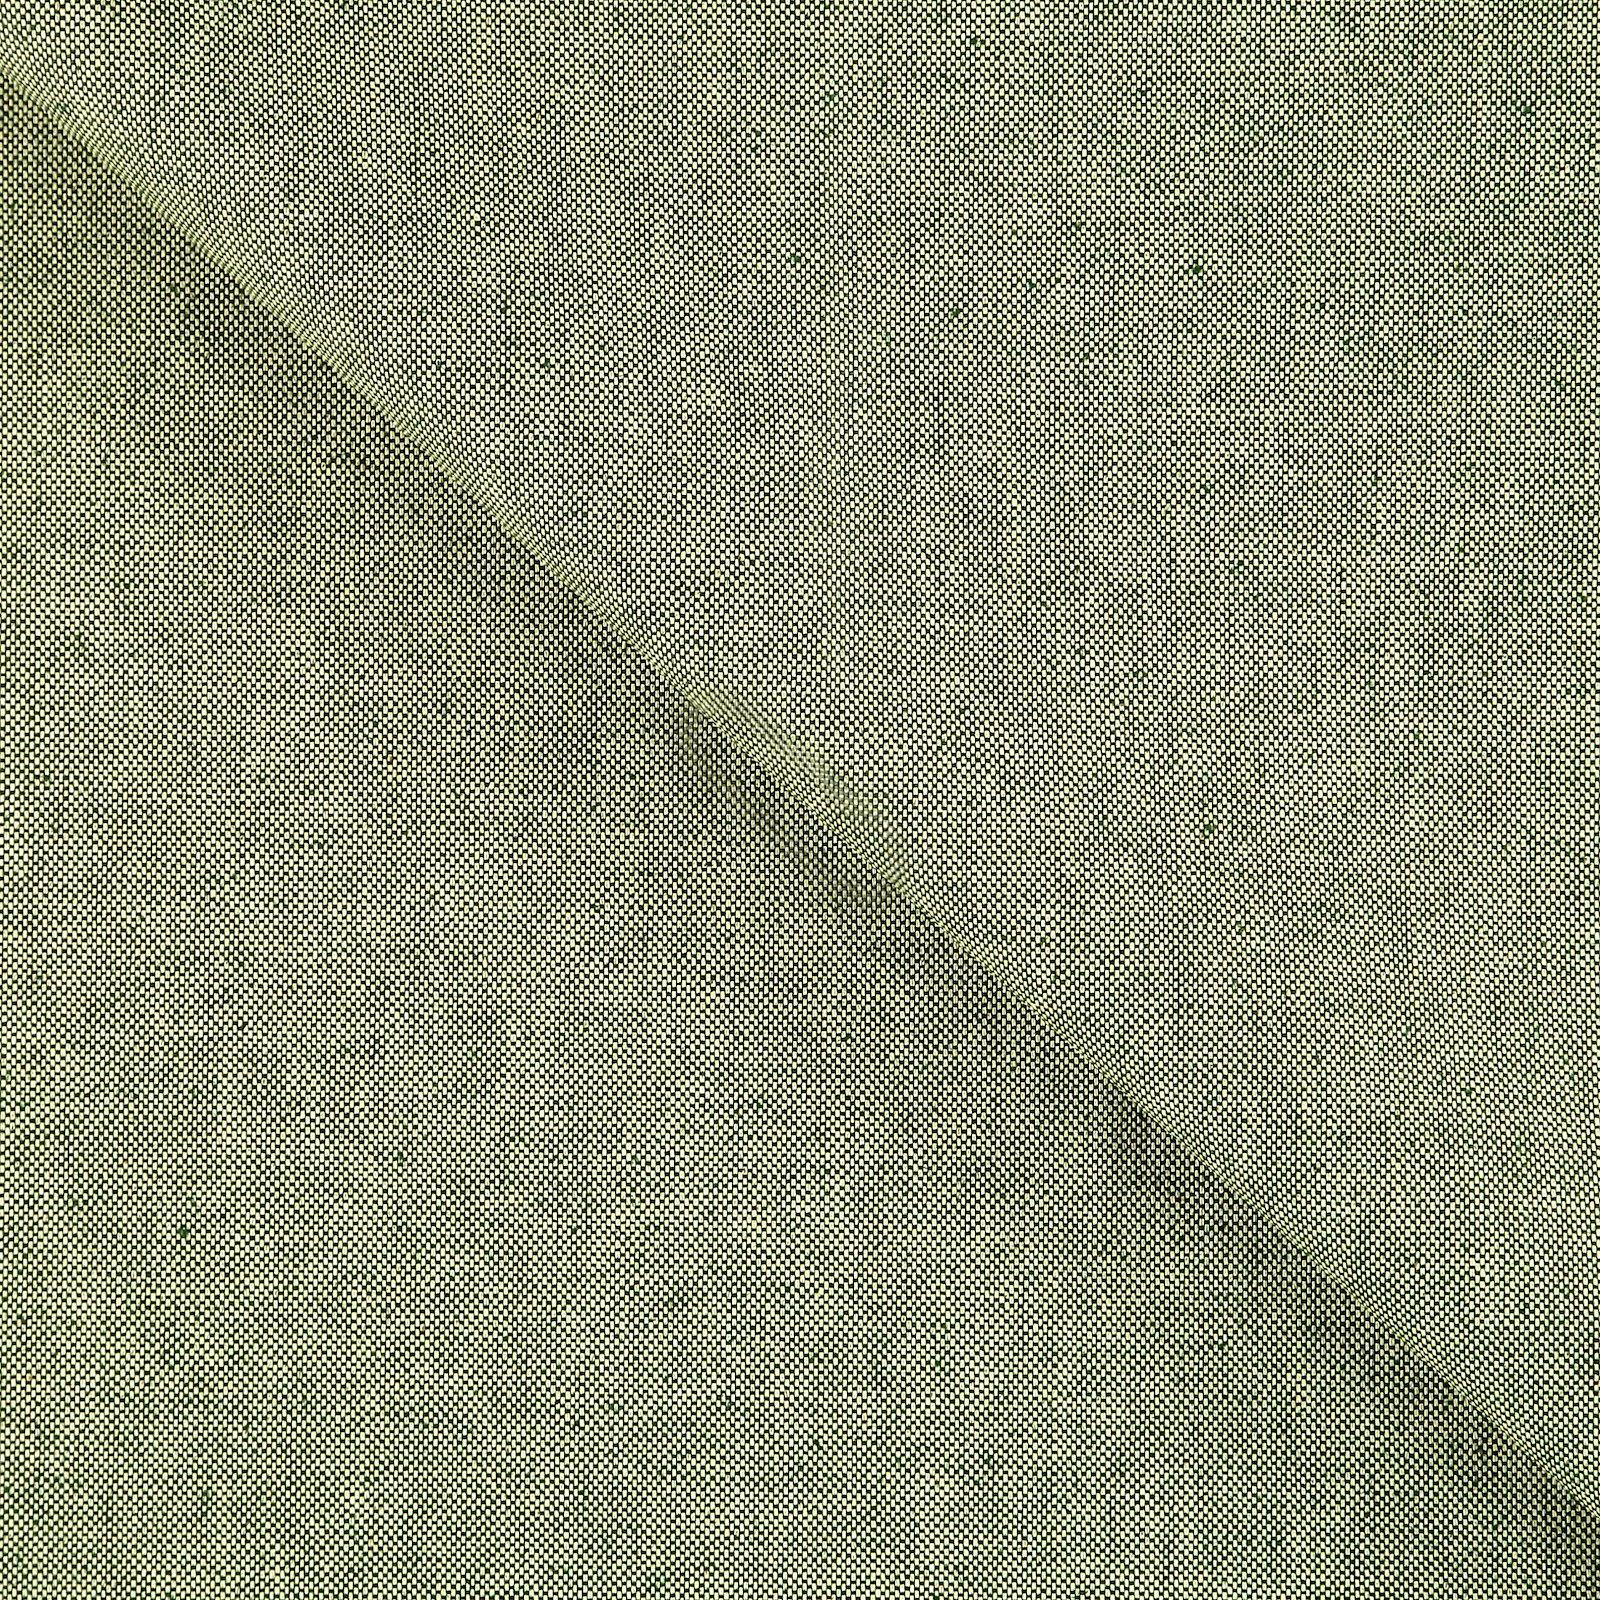 Textilwachstuch Leinenlook Flaschengrün 872303_pack